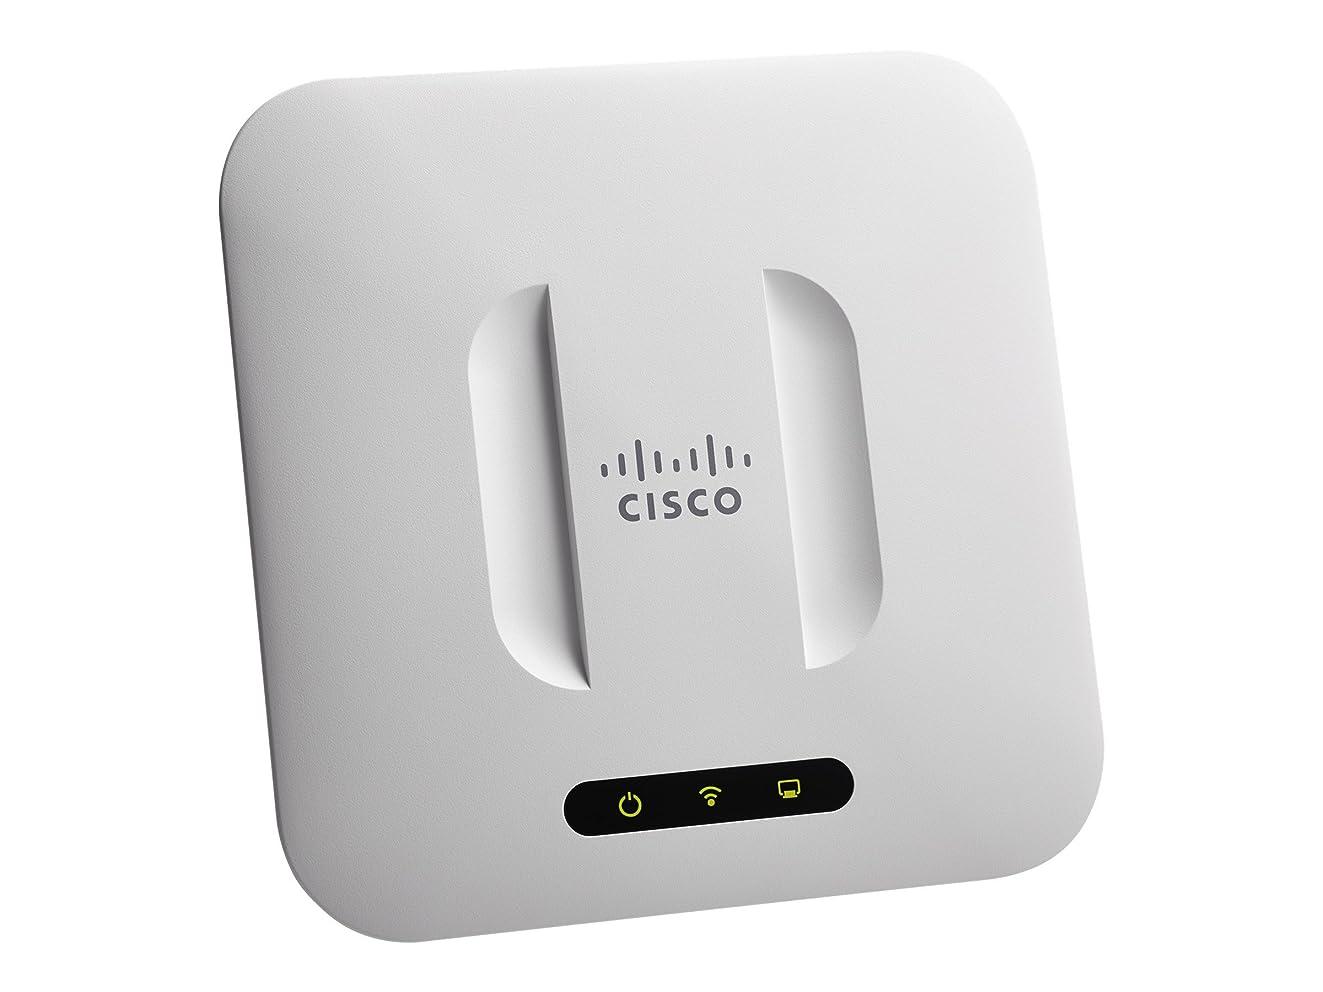 CISCO SYSTEMS 802.11ac Wireless Access Point (WAP371AK9)